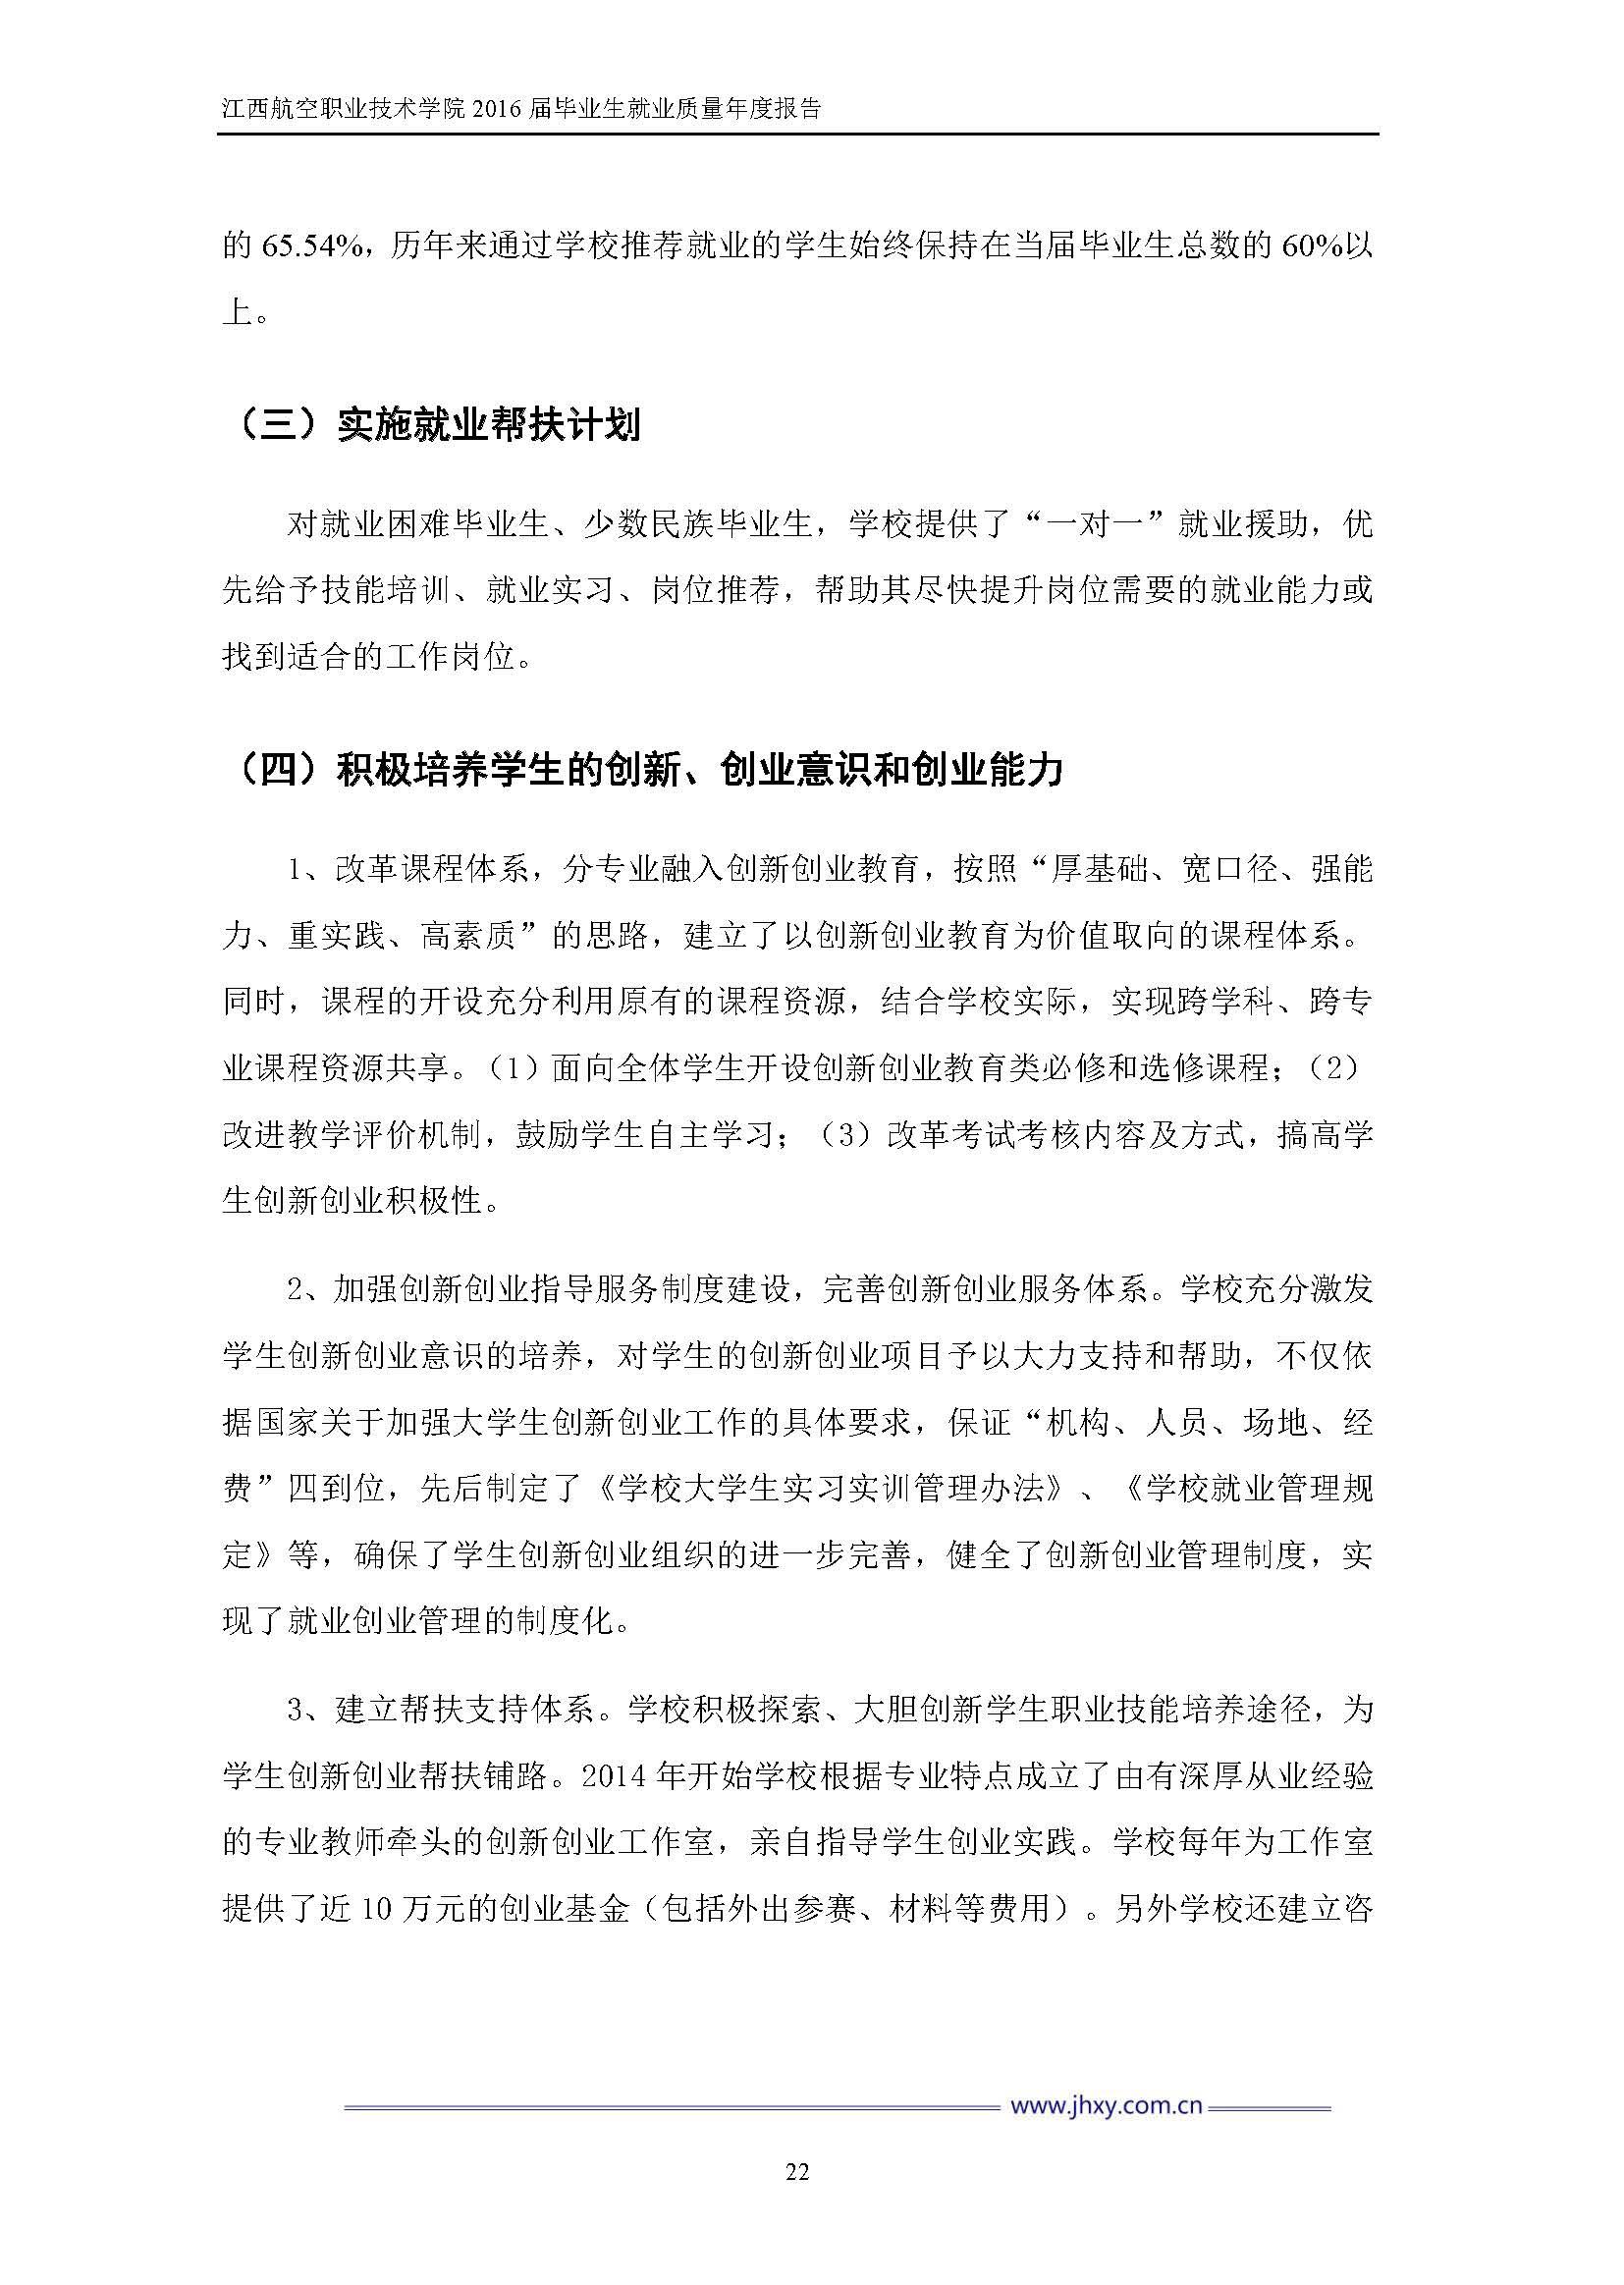 江西航空职业技术学院2016届毕业生就业质量年度报告_Page_29.jpg